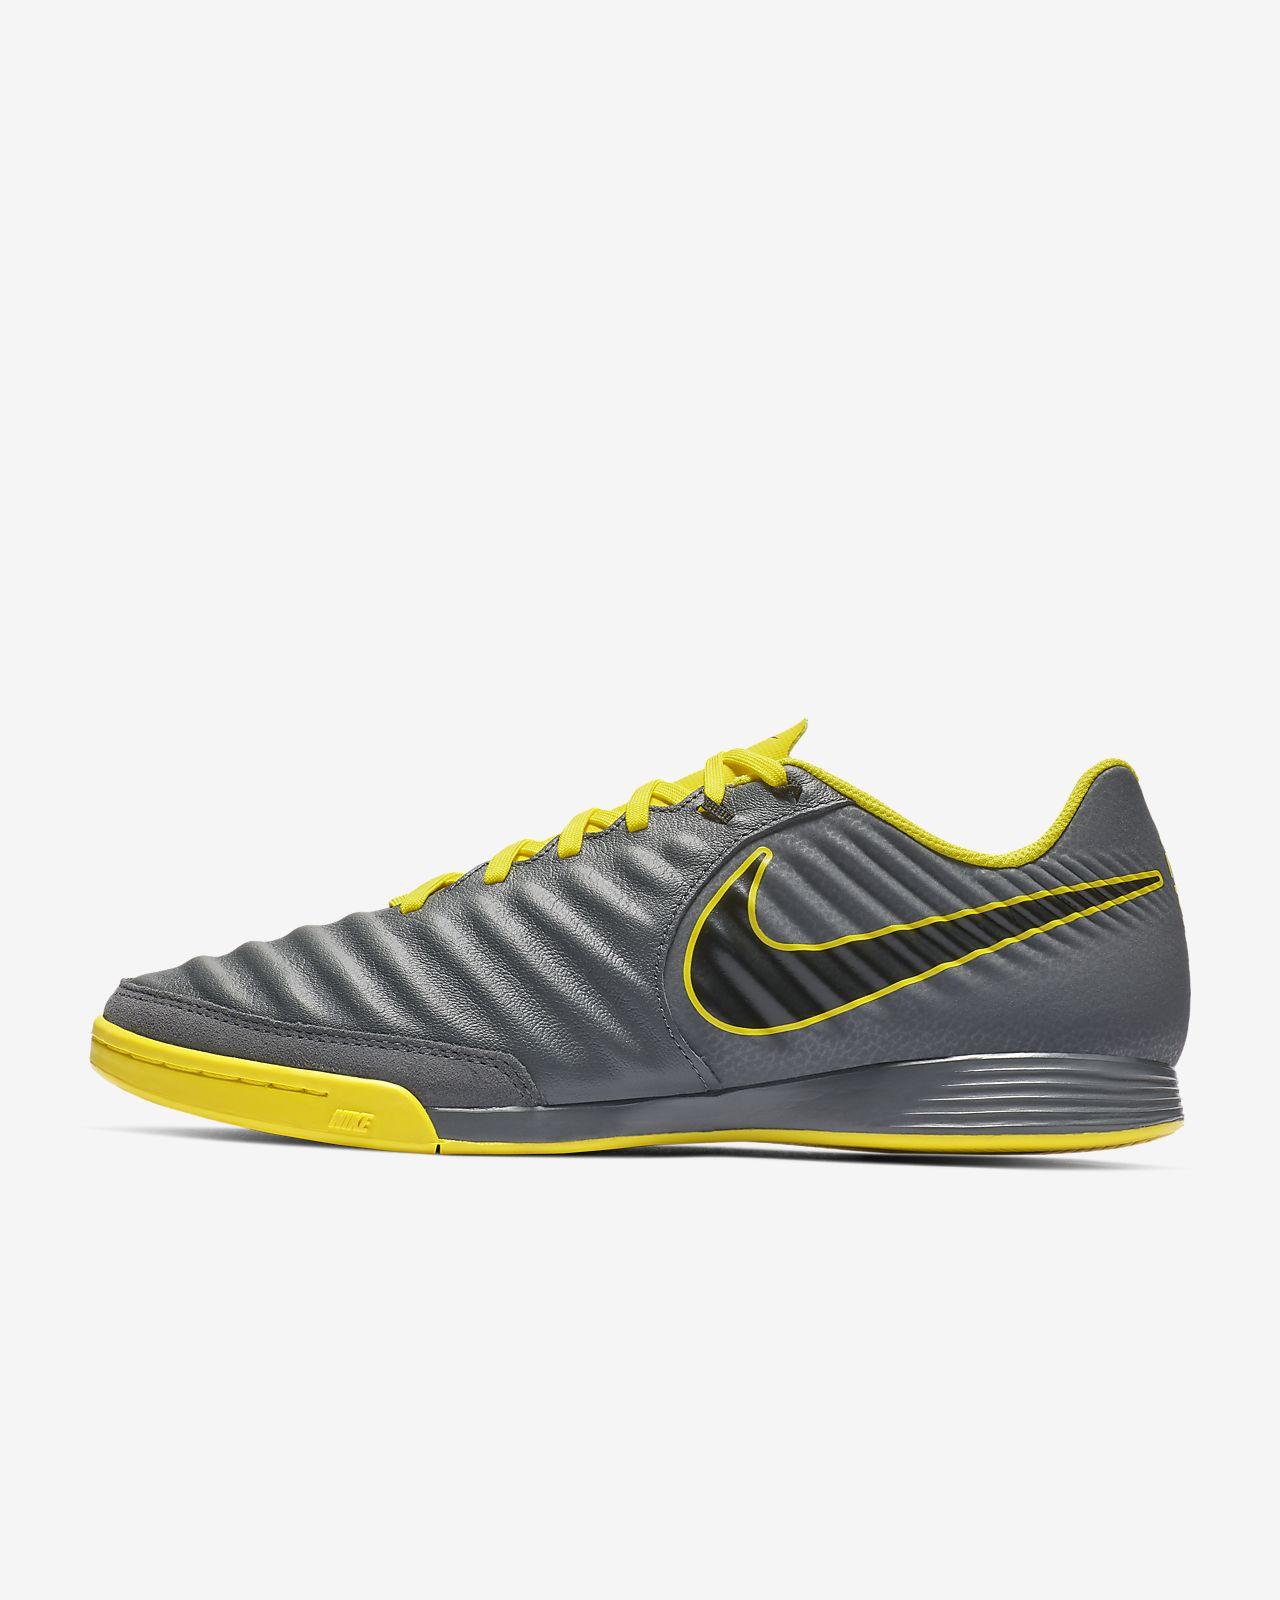 4df39acdf568 Nike LegendX 7 Academy IC Indoor/Court Football Boot. Nike.com ZA